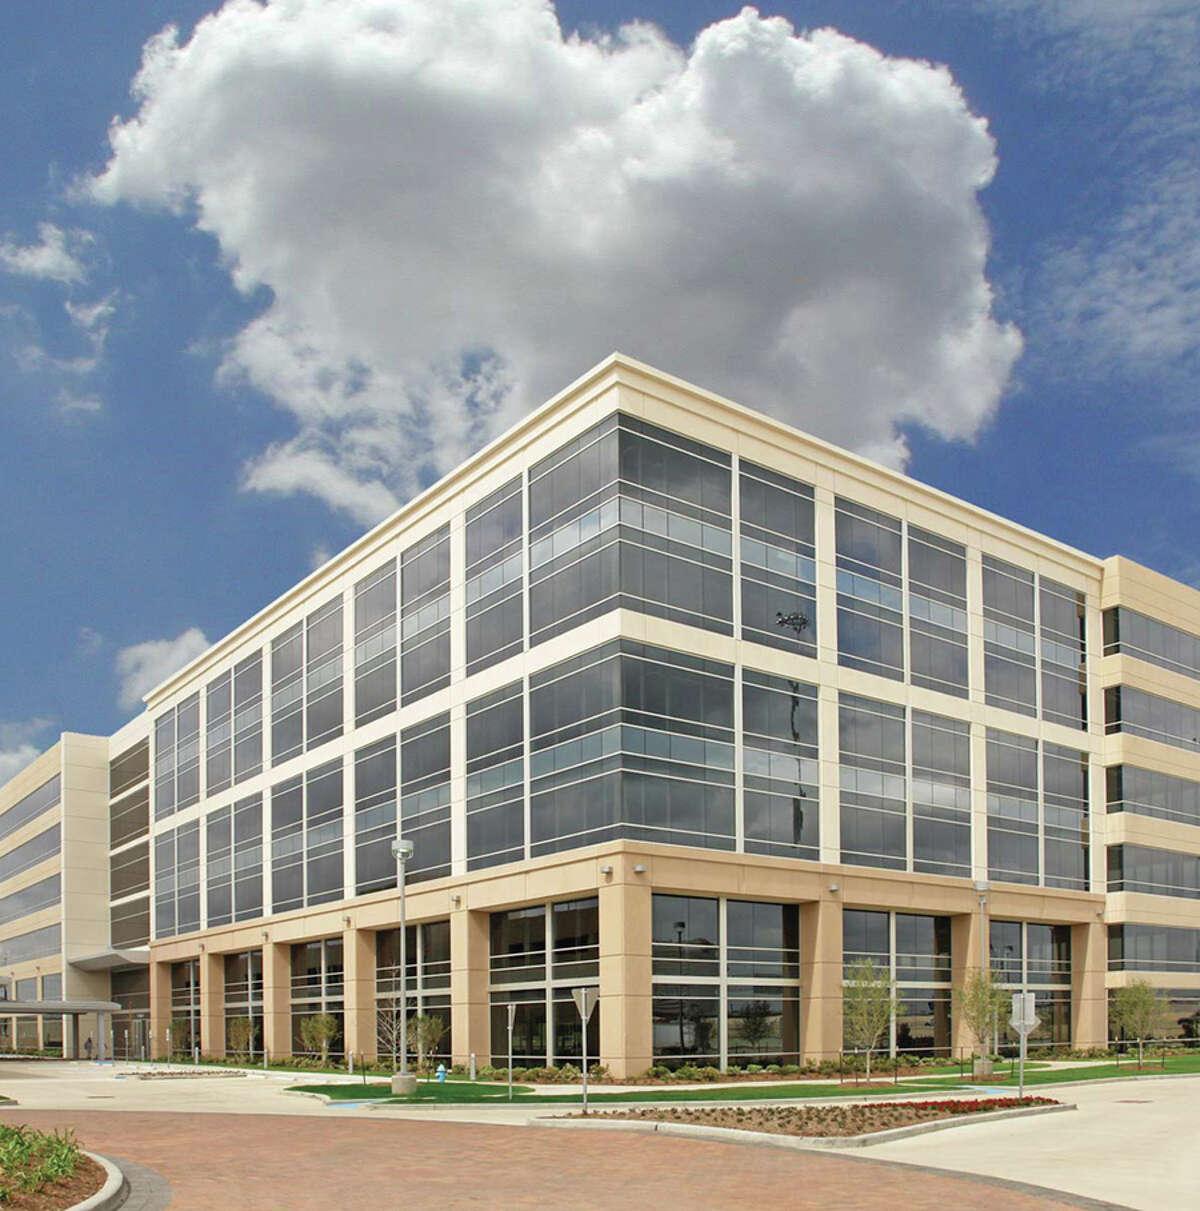 Entech Civil Engineers has leased space in Energy Crossing I, 15021 Katy Freeway.